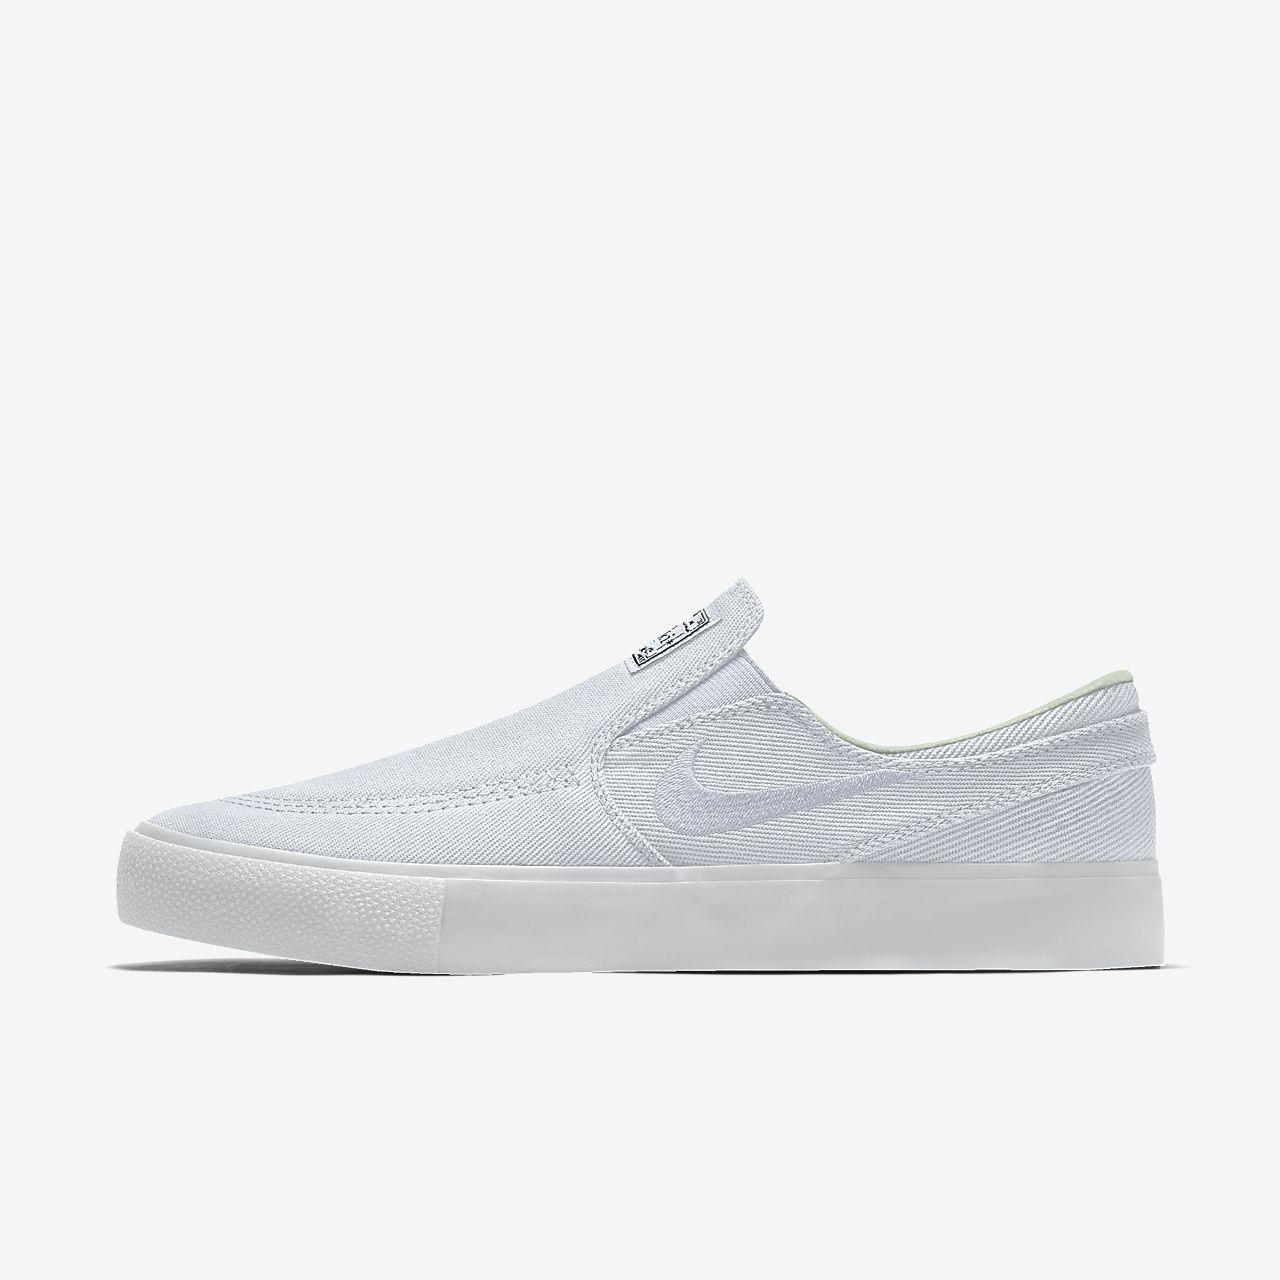 Skateboardová bota Nike SB Zoom Stefan Janoski Slip RM By You upravená podle tebe